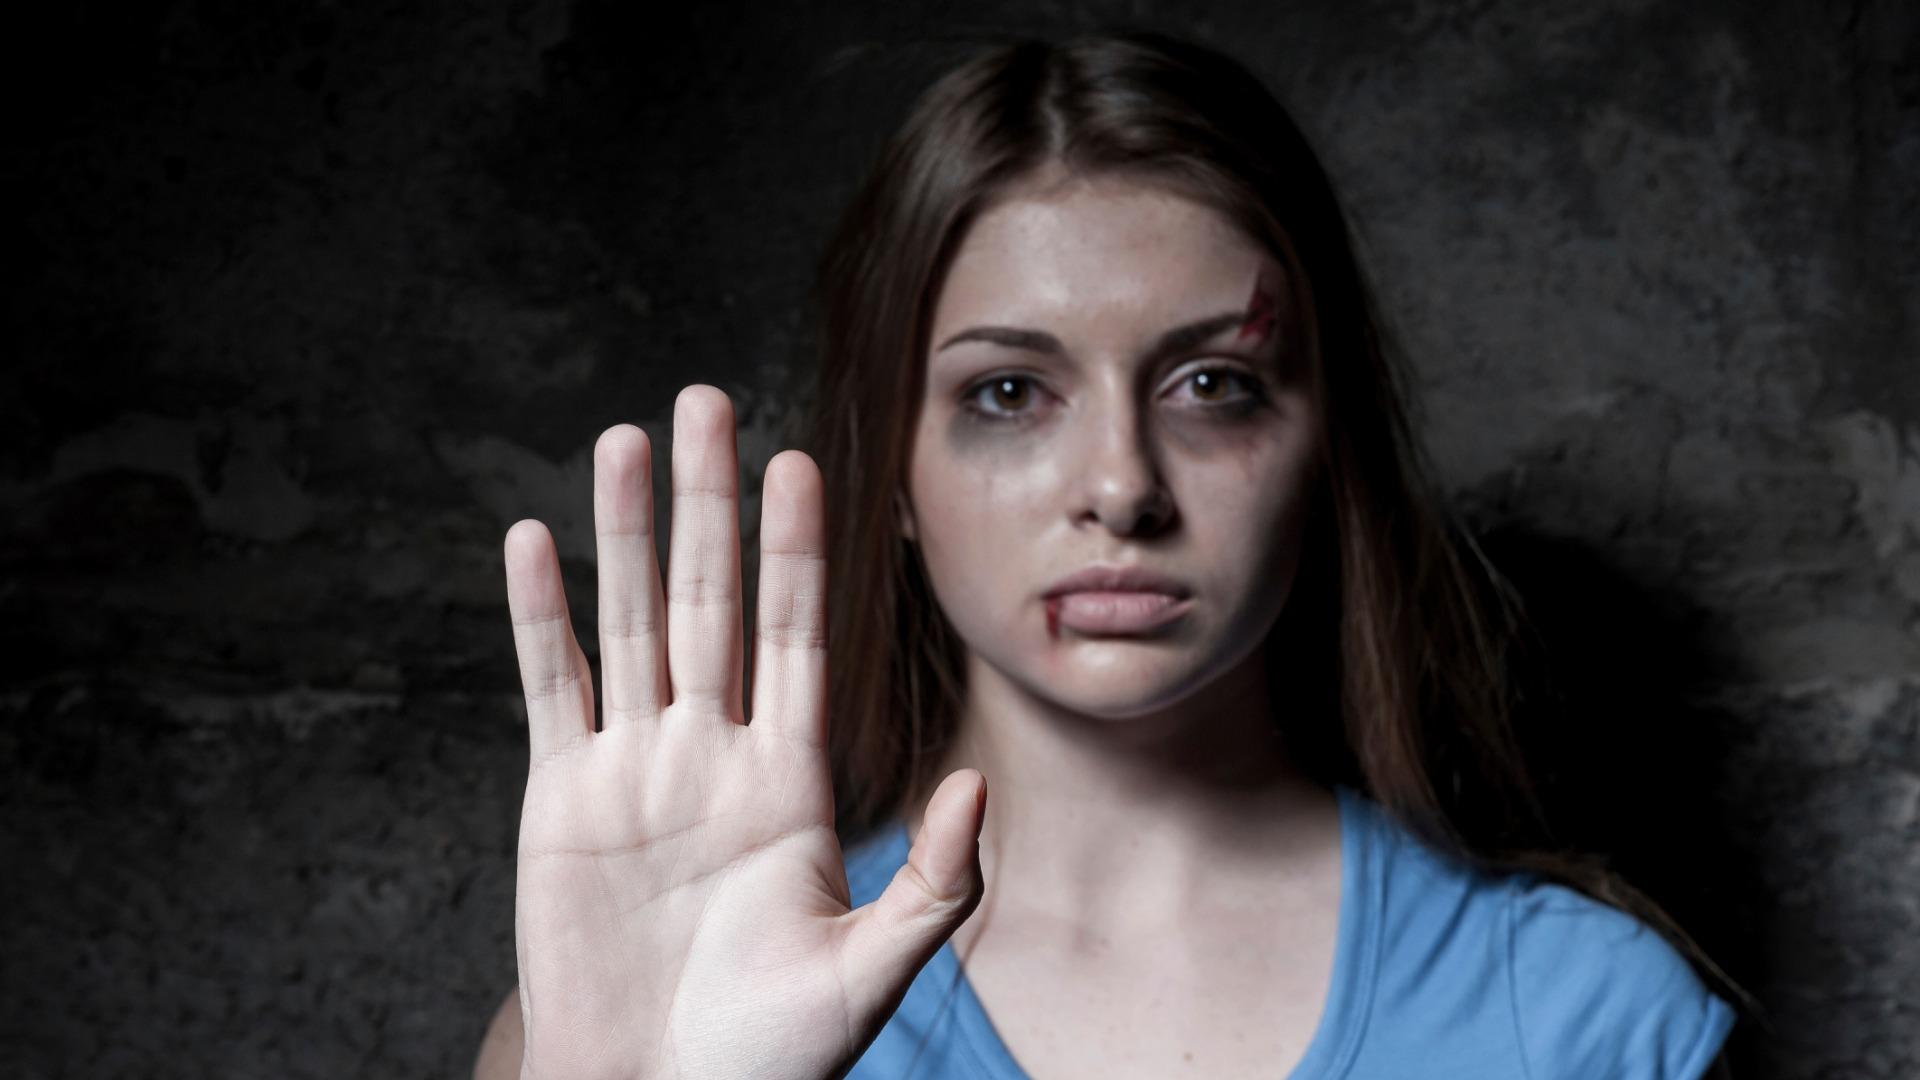 домашнее насилие женщин